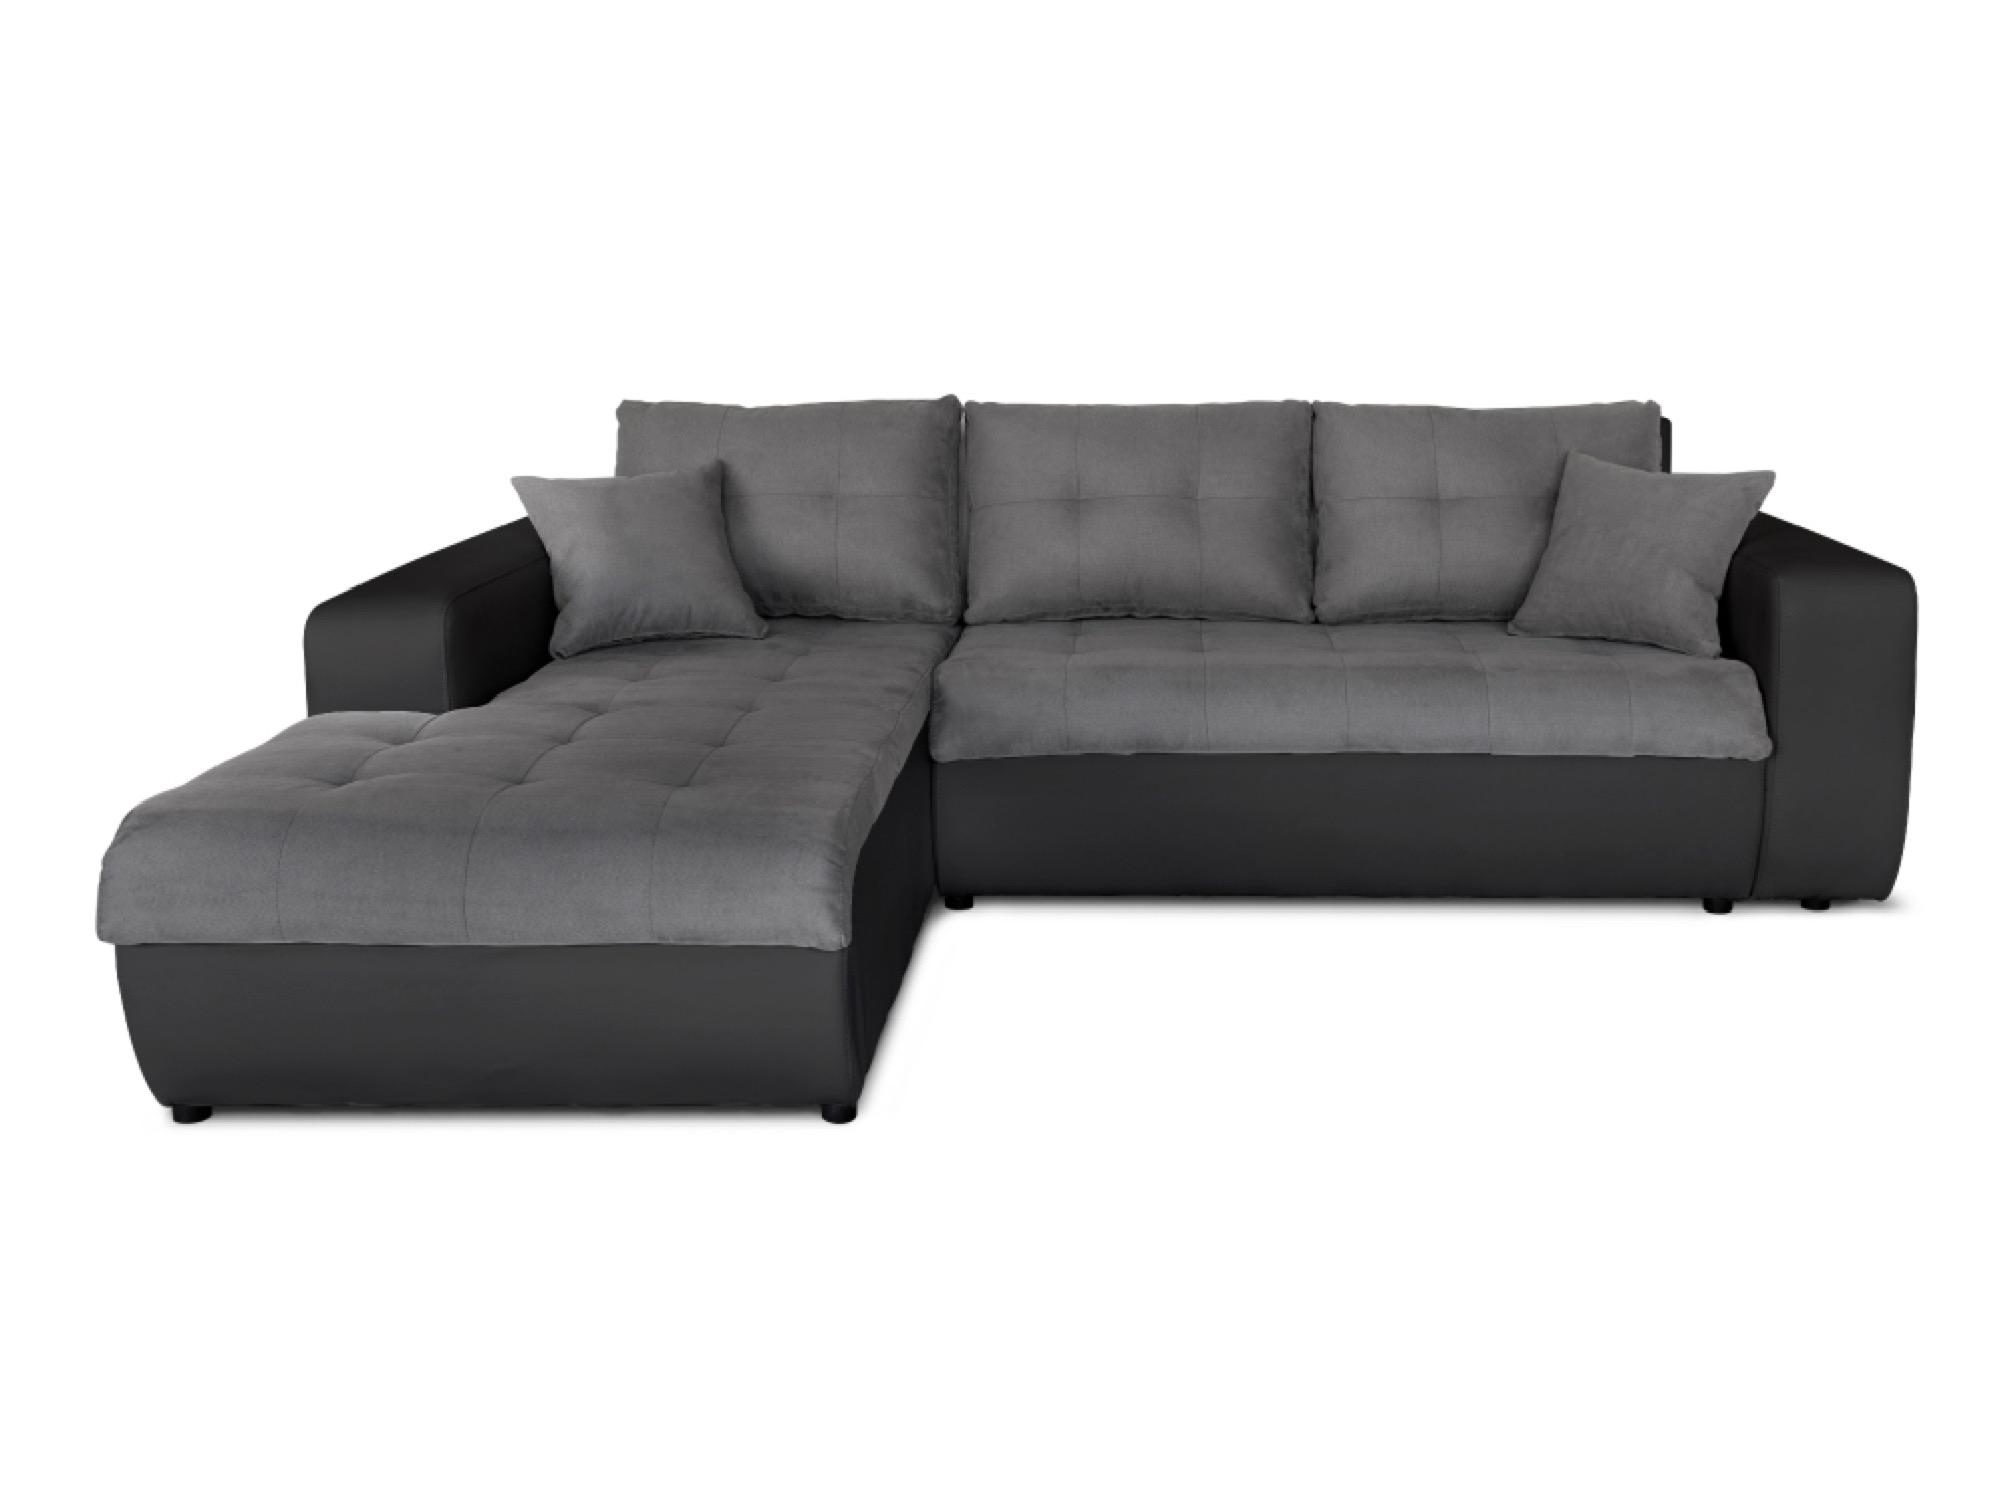 Canapé d'angle gauche convertible bi-matière noir/gris